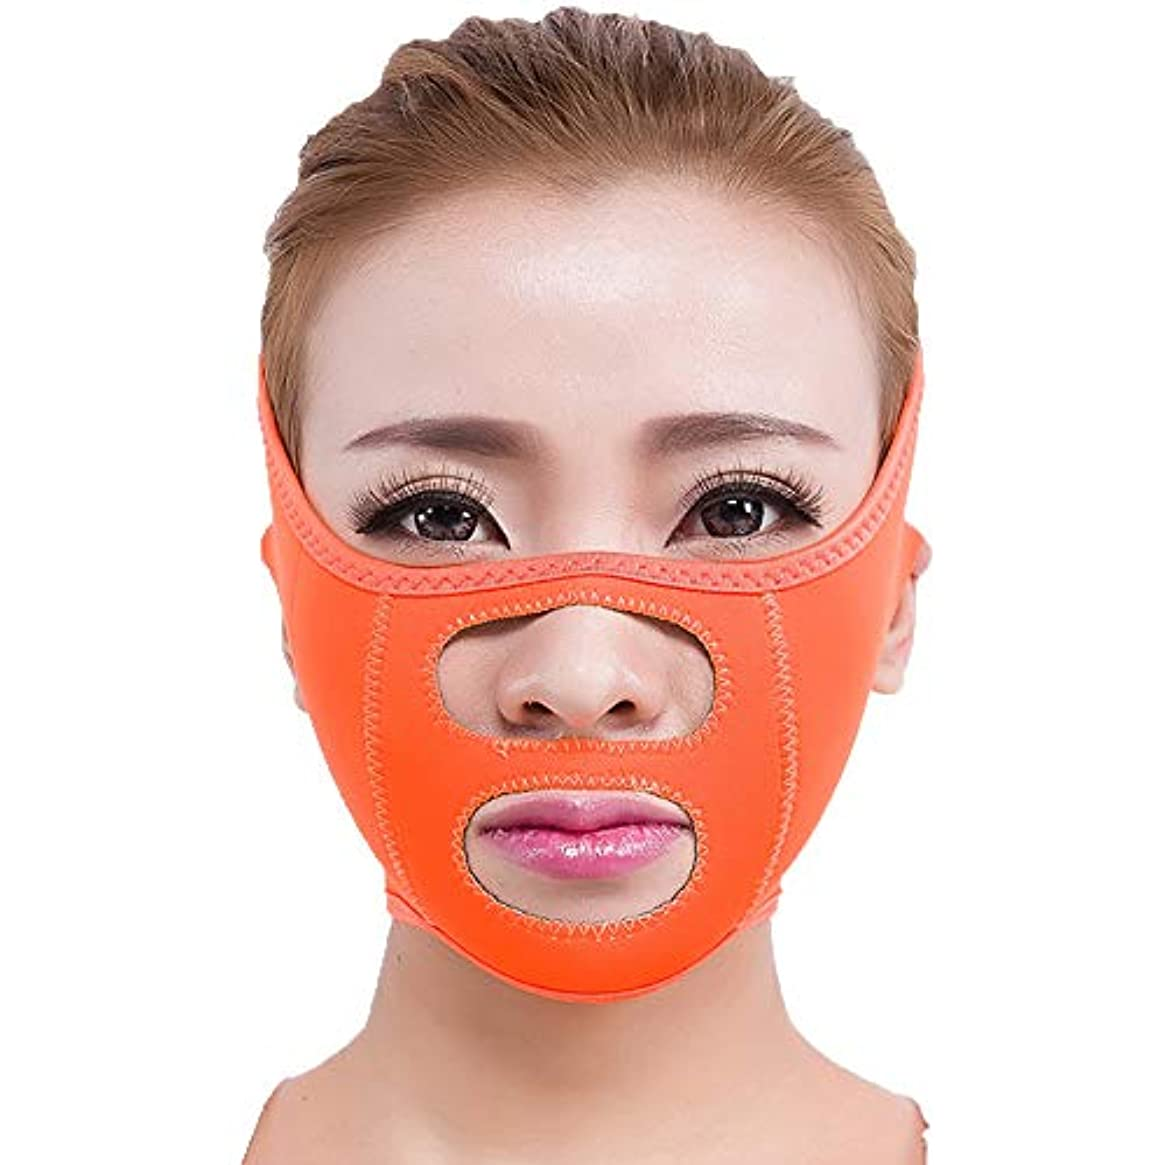 武装解除アイザック血まみれの二重顎の圧力低下装置、睡眠薄い顔のベルト小さなvの顔の器械の包帯マスク持ち上げる顔のステッカー,Orange